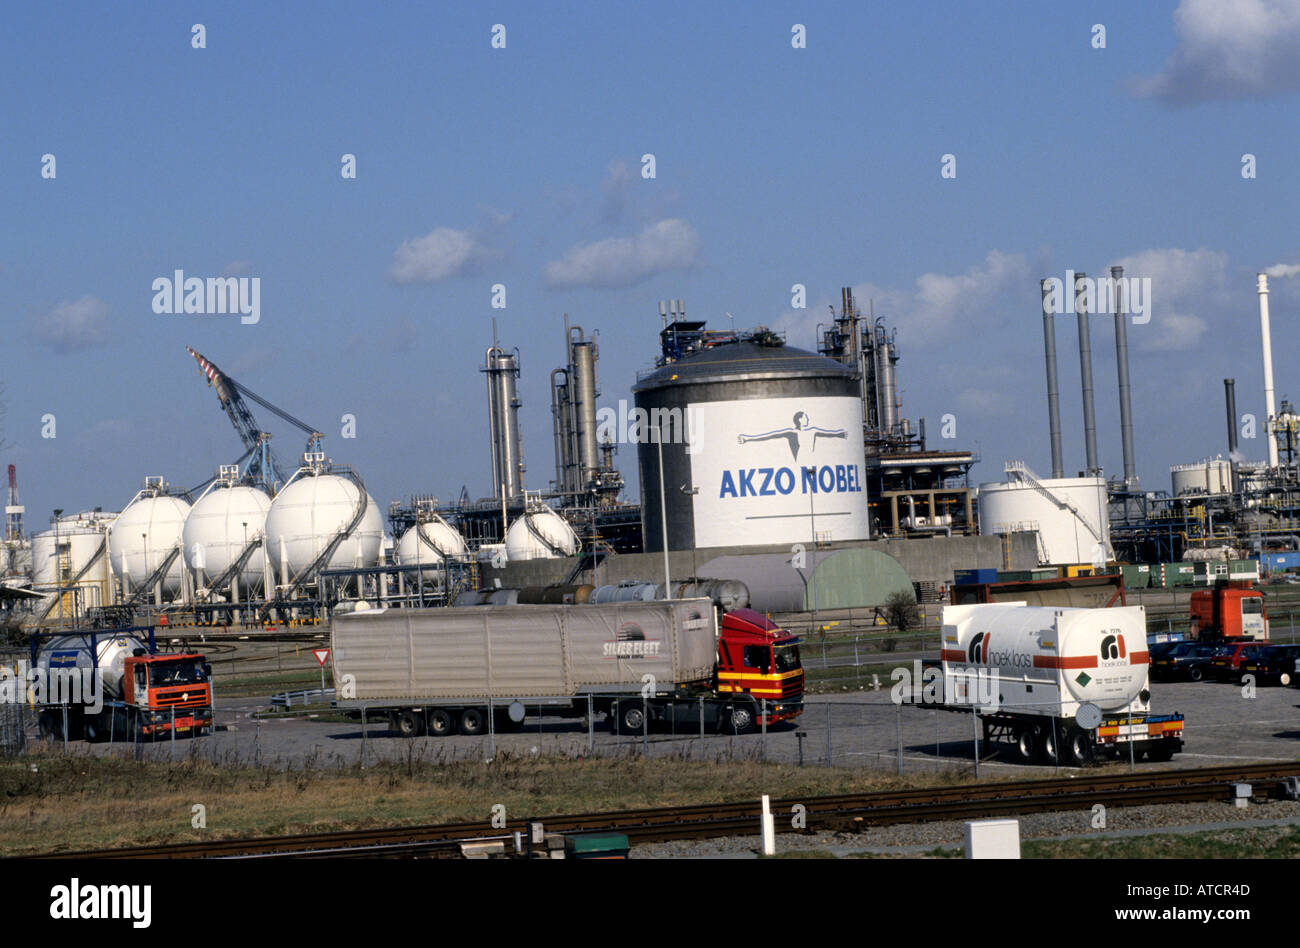 Akzo Nobel Rotterdam Niederlande Hafen Hafen Stockbild